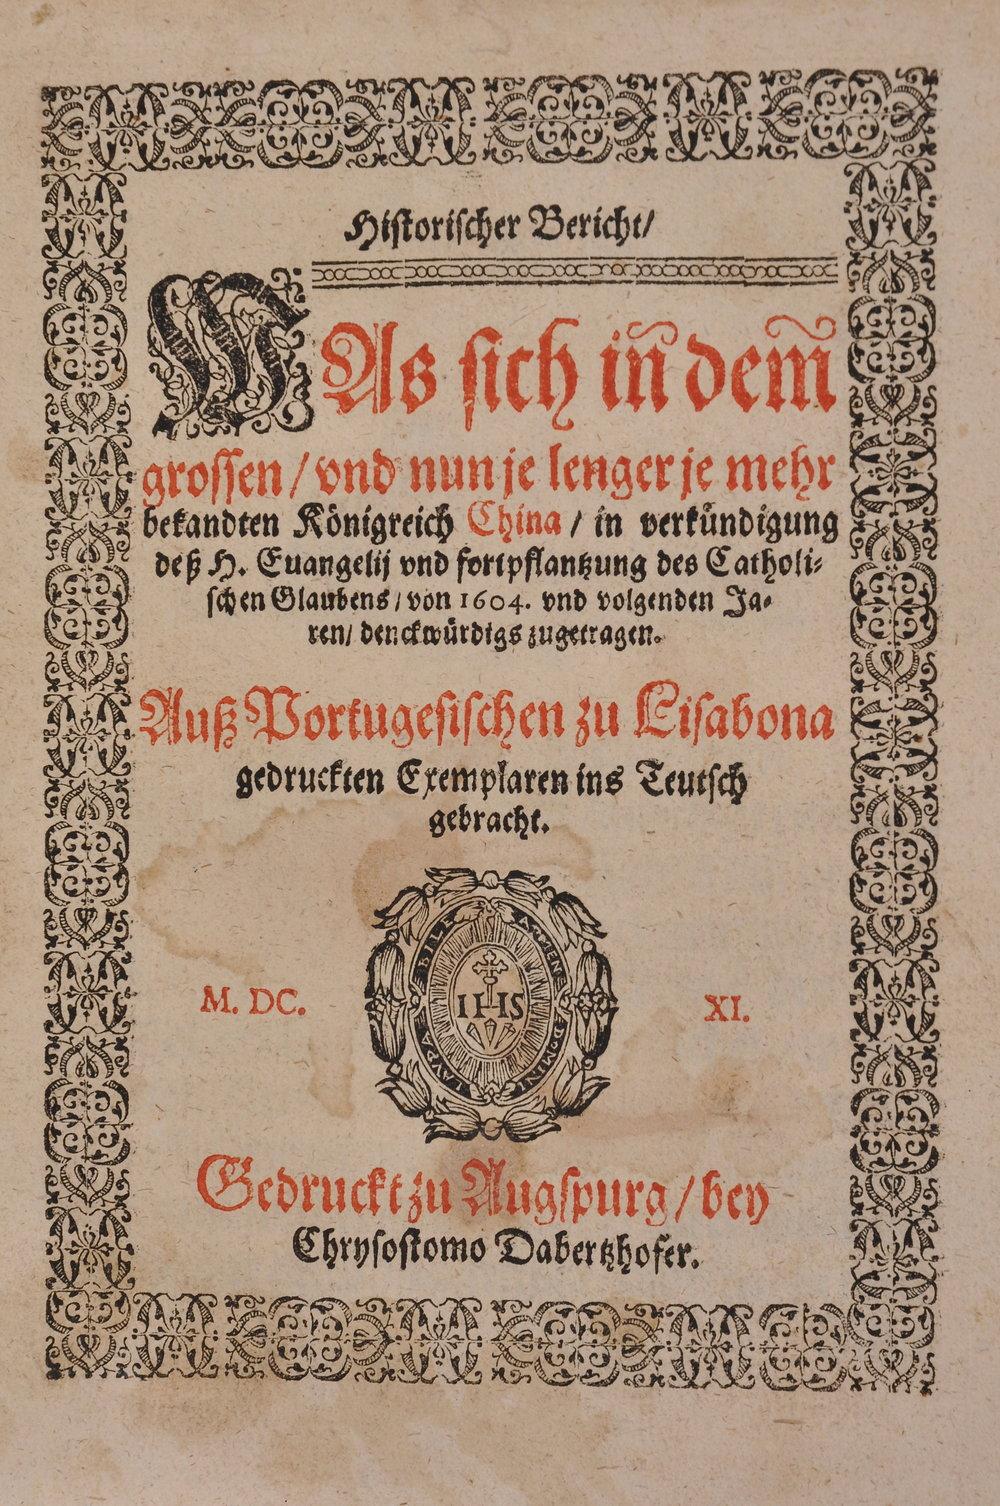 Guerreiro and Ricci. Historischer Bericht... 1611